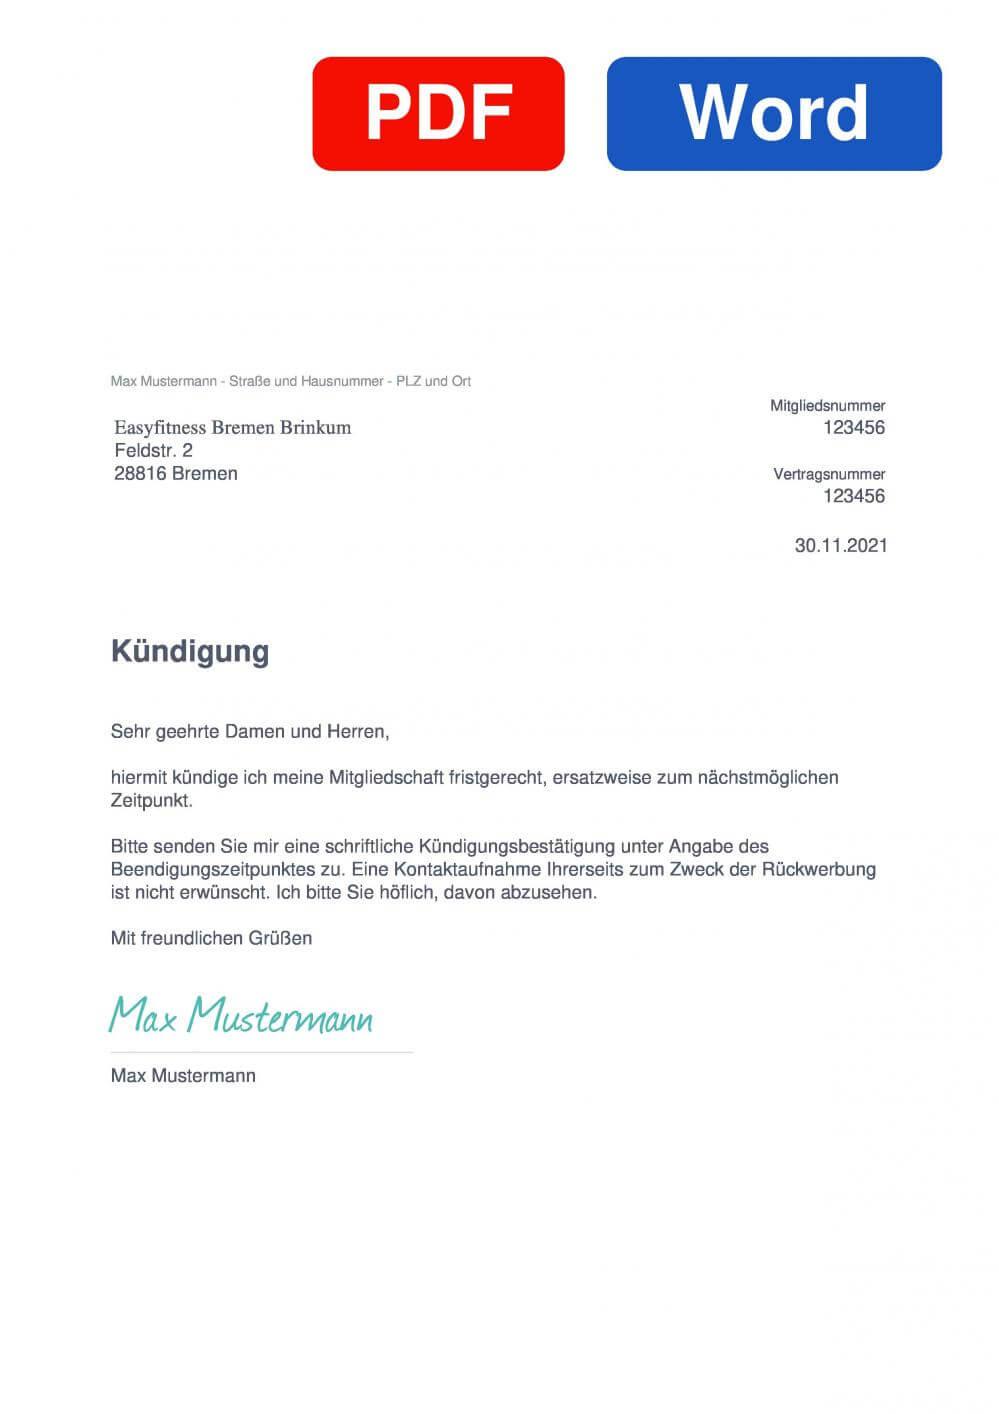 EASYFITNESS Brinkum Muster Vorlage für Kündigungsschreiben